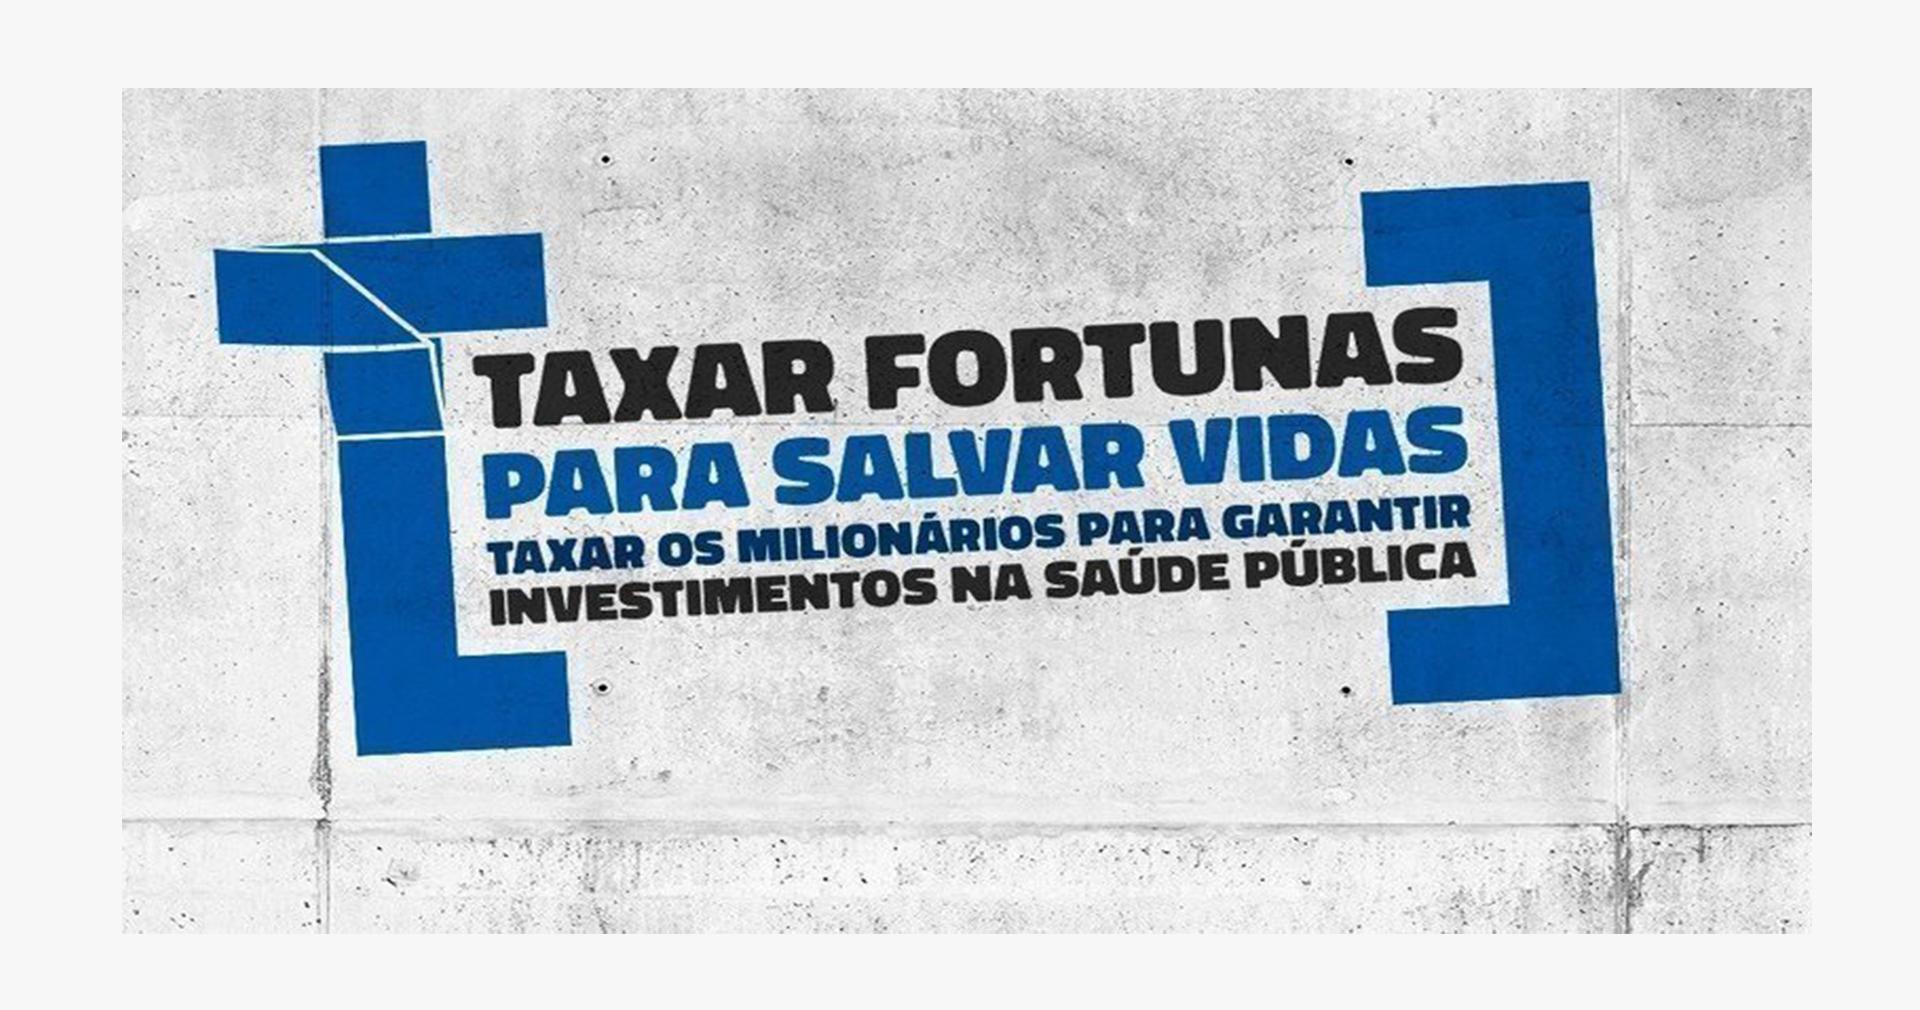 Campanha defende a taxação das fortunas para salvar vidas